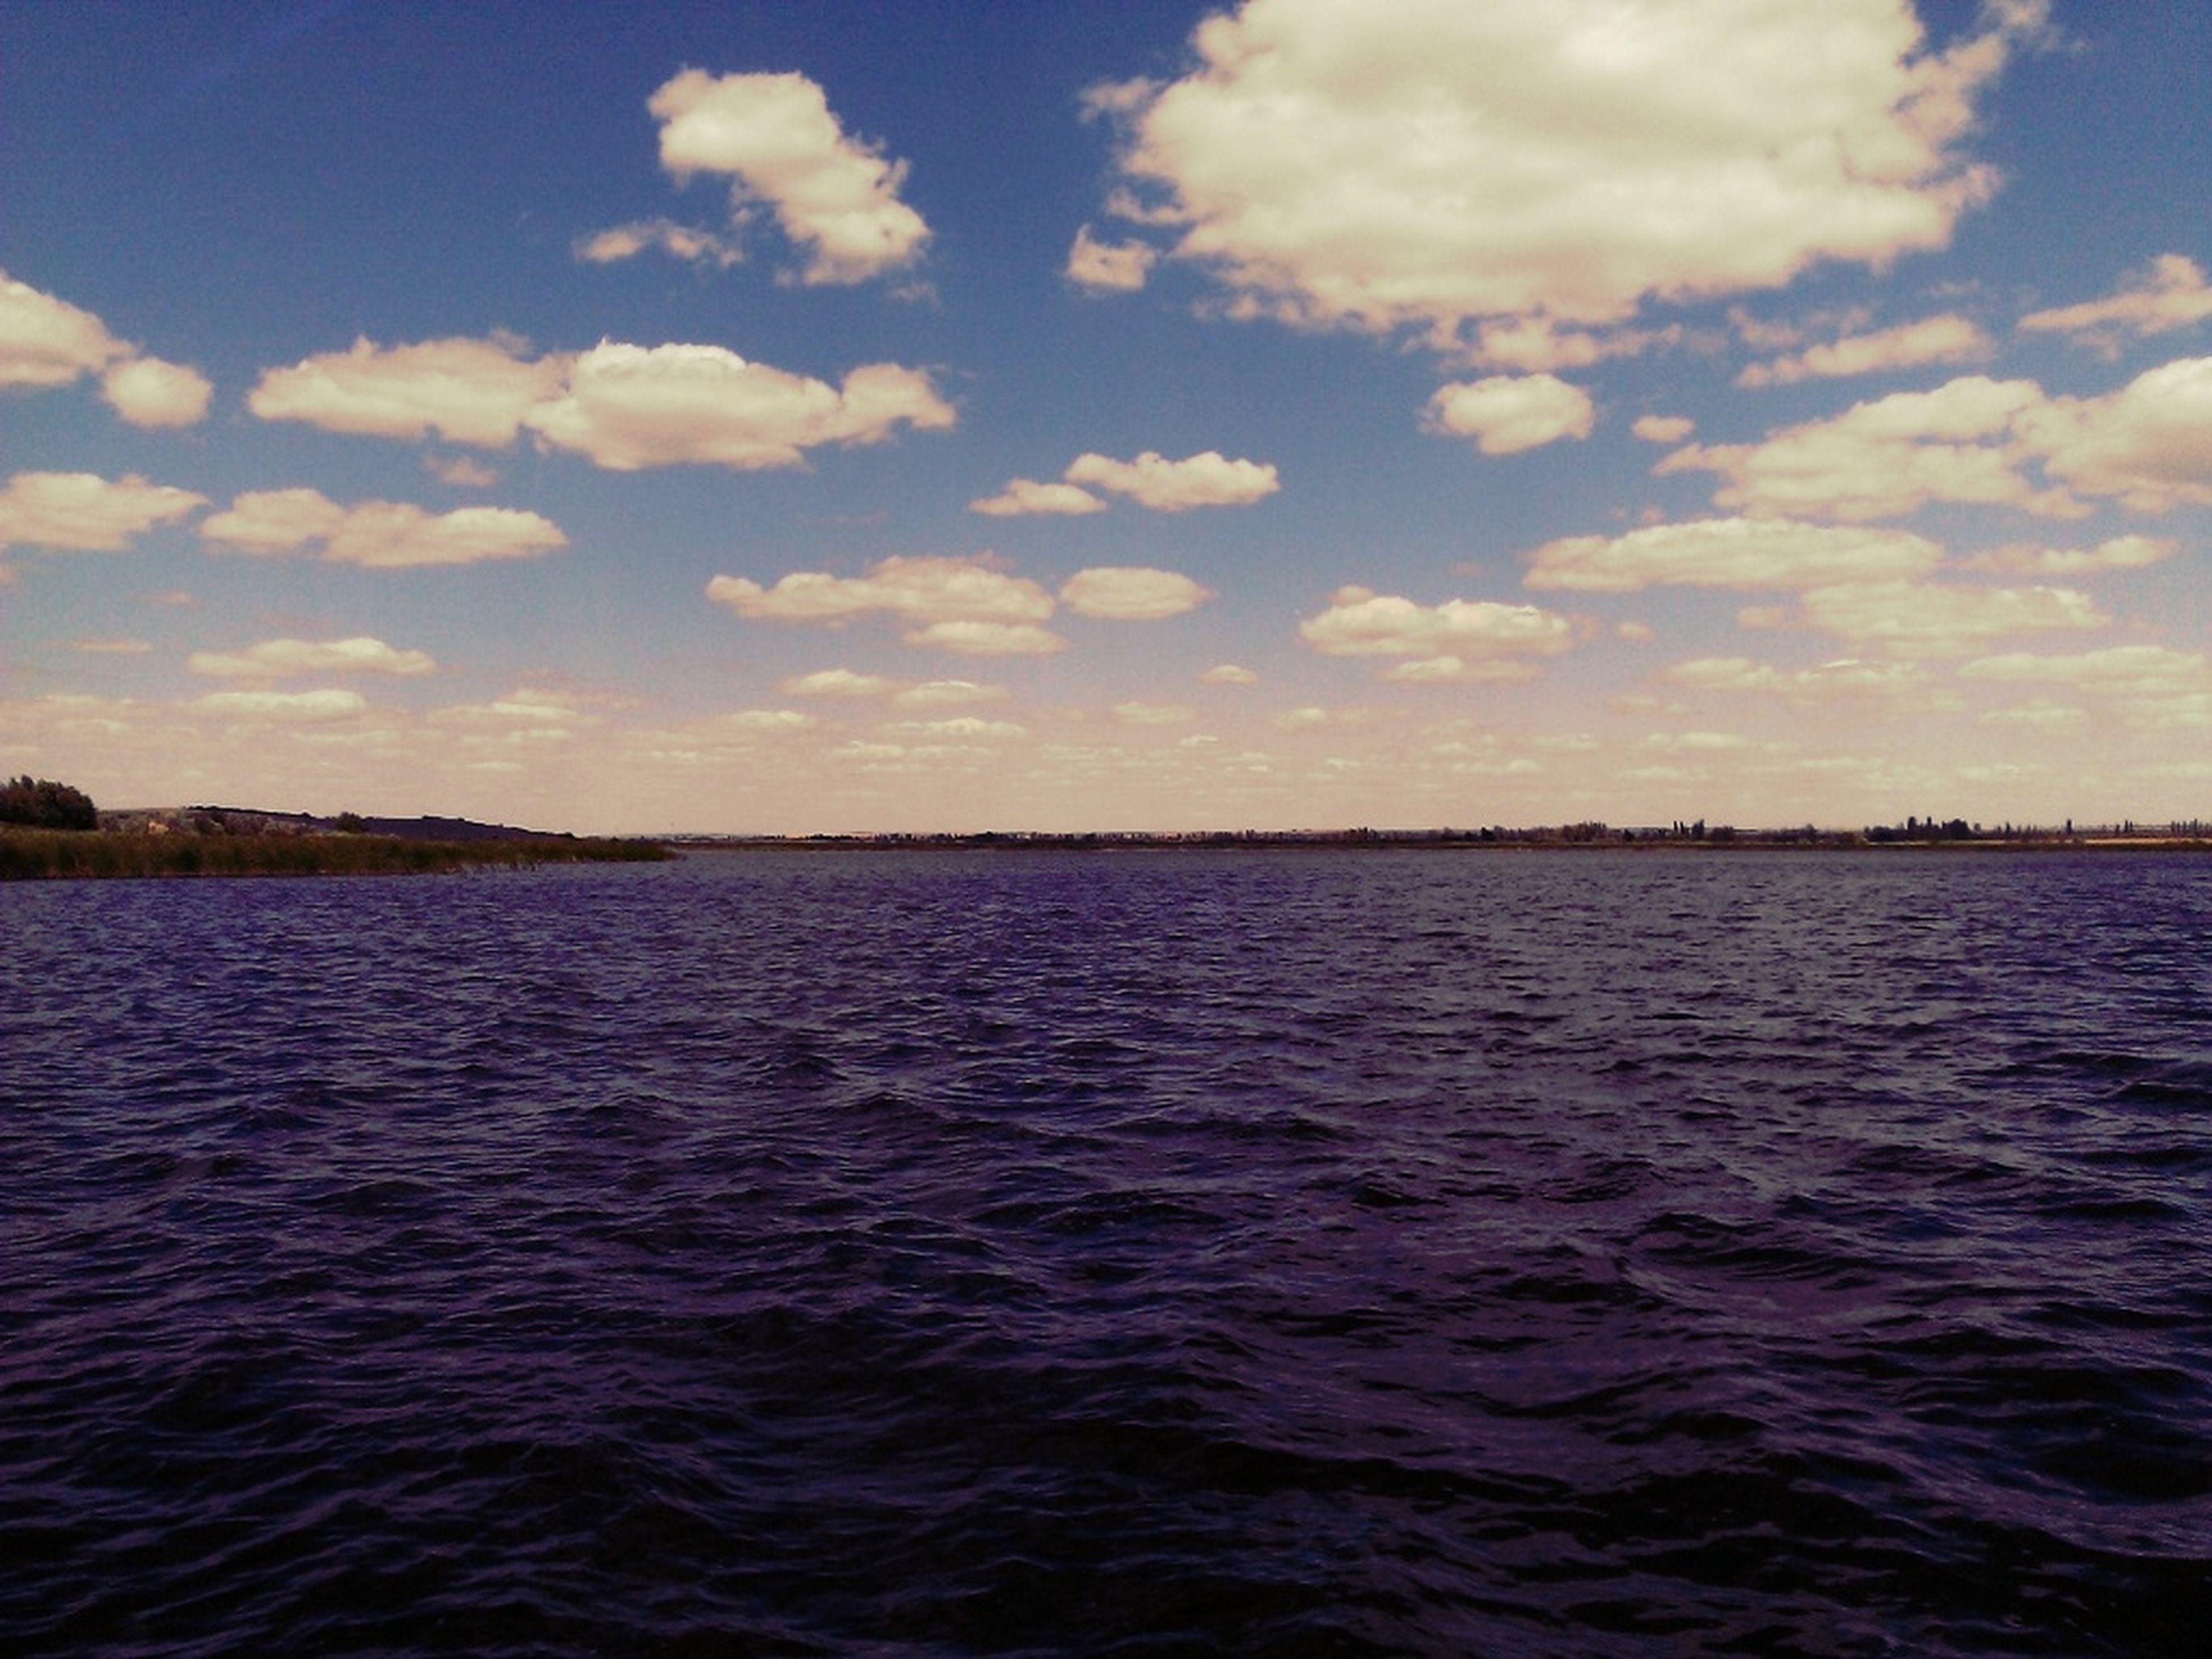 У пруда прохладно